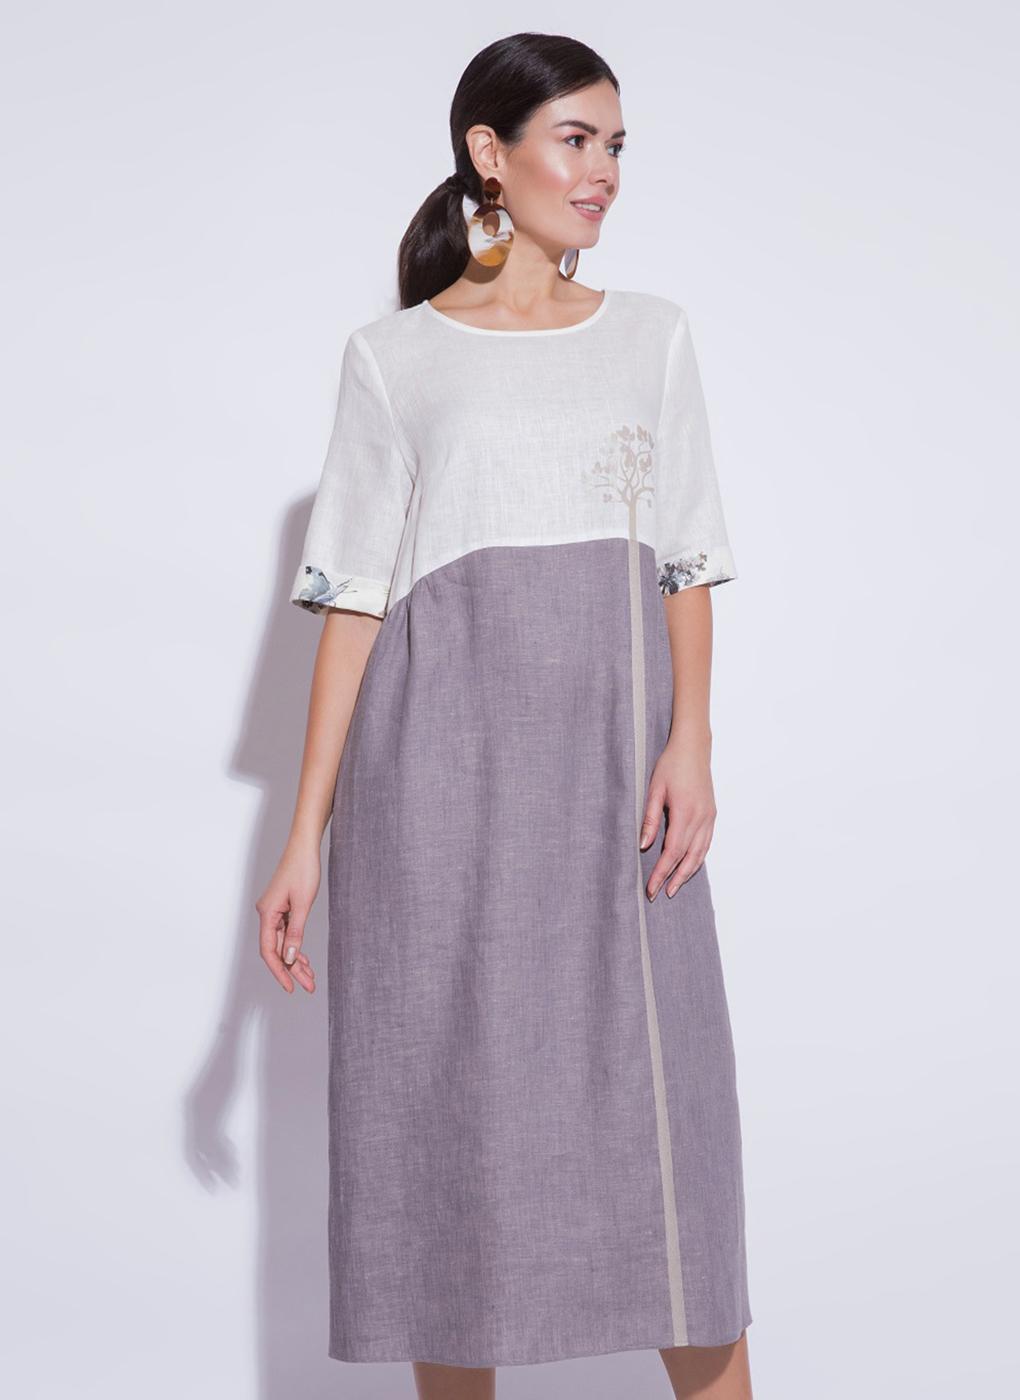 Платье 15, ElectraStyle фото